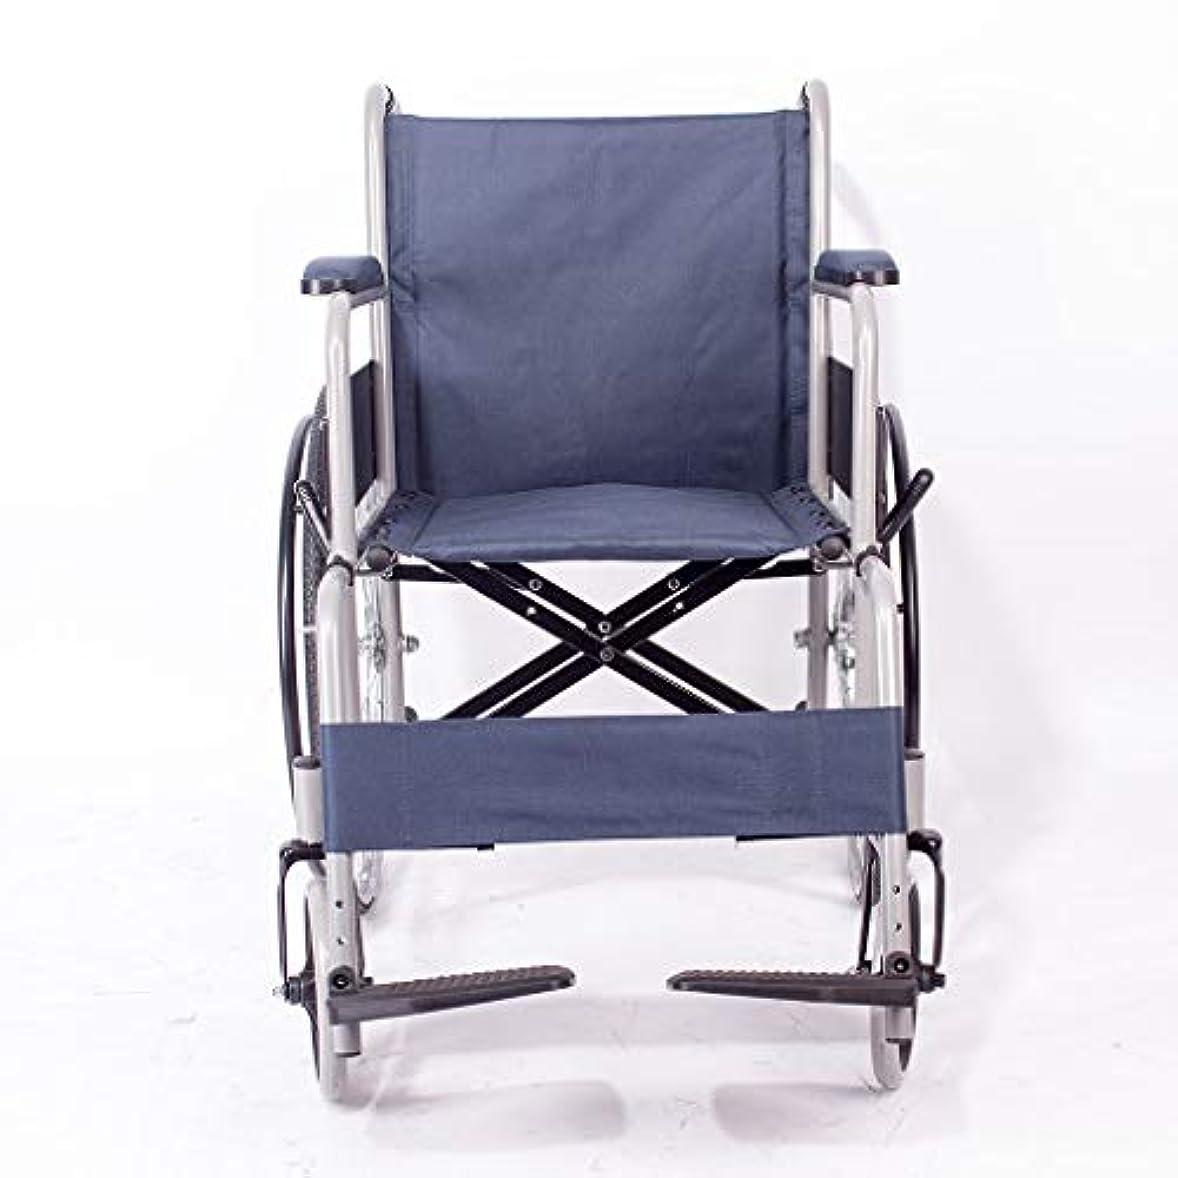 若さ用心するであること車椅子折りたたみ式、超軽量旅行ポータブル古いカート、ブレーキ付き自走式車椅子